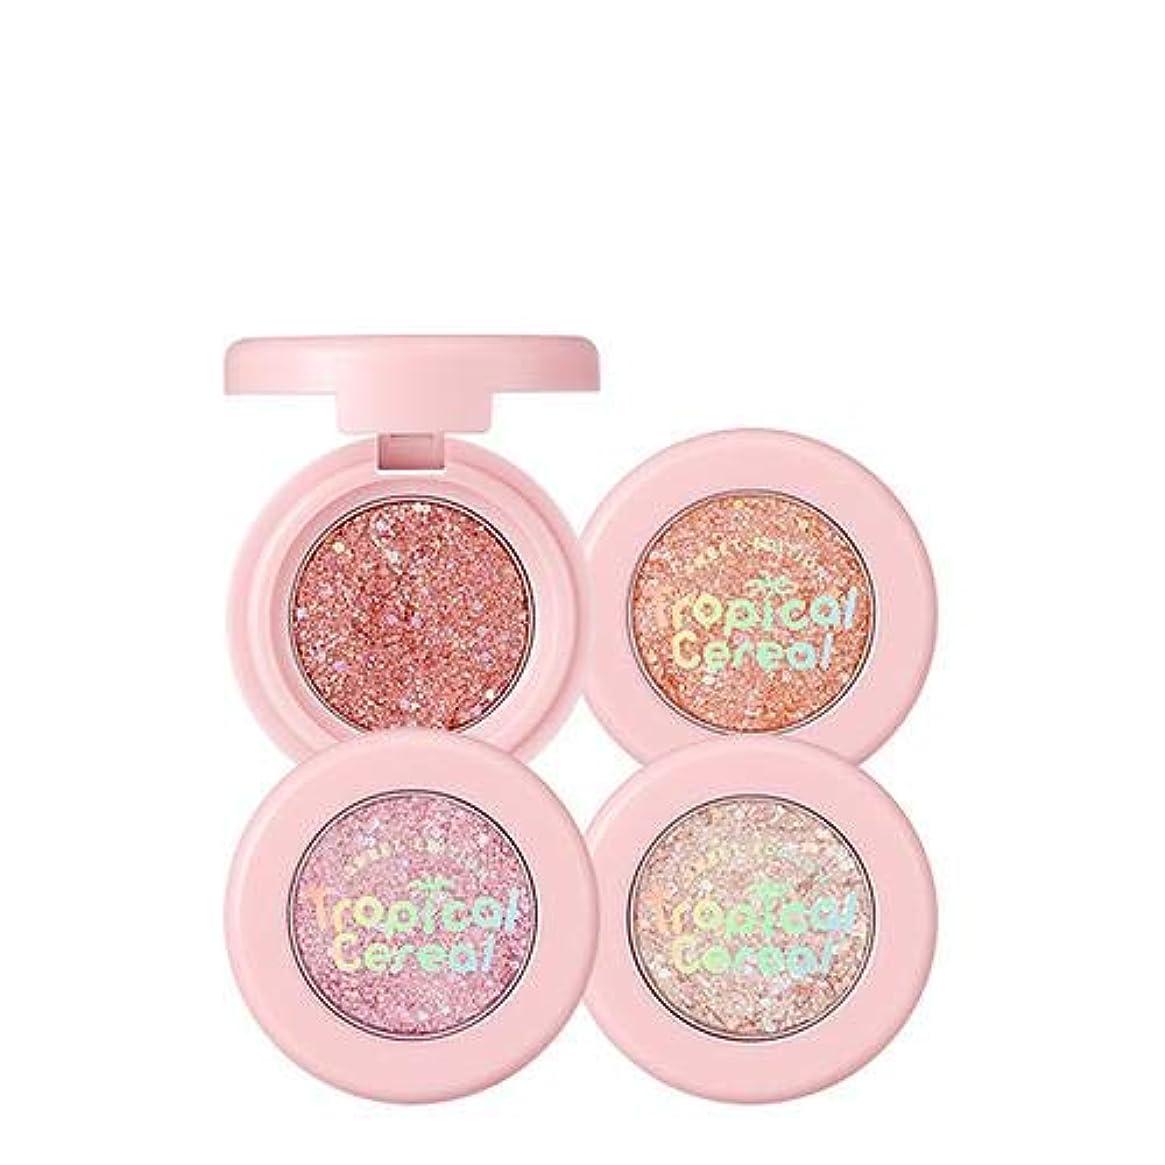 戦術軽食針トニーモリー トロピカル シリアル グリッター フレーク 1.3g / TONYMOLY [Tropical Cereal Edition] Glitter Flake #2. Pink Cranberry [並行輸入品]